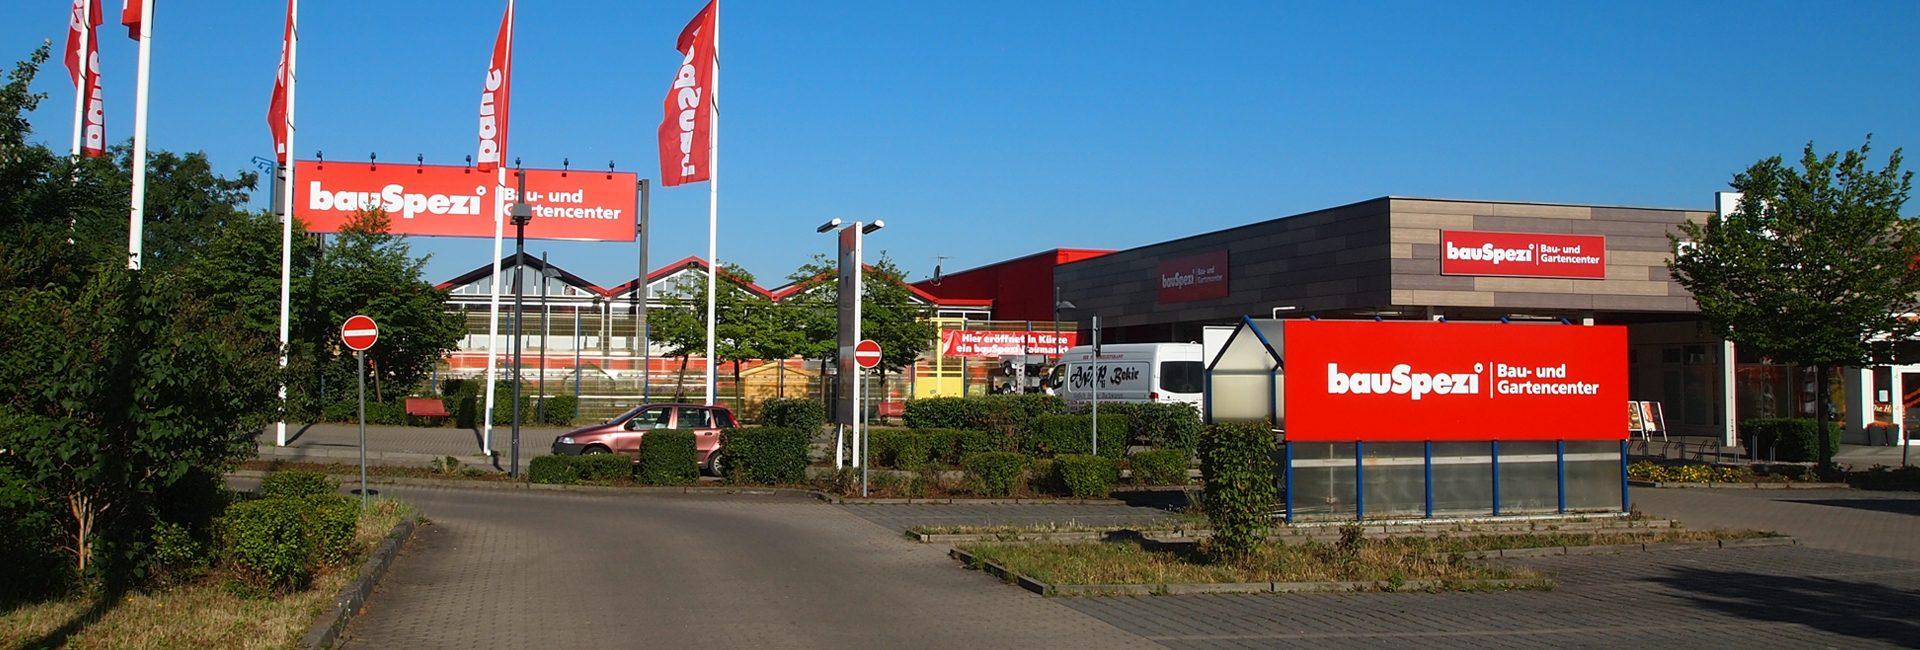 Unser bauSpezi-Baumarkt in Gosen Neu-Zittau